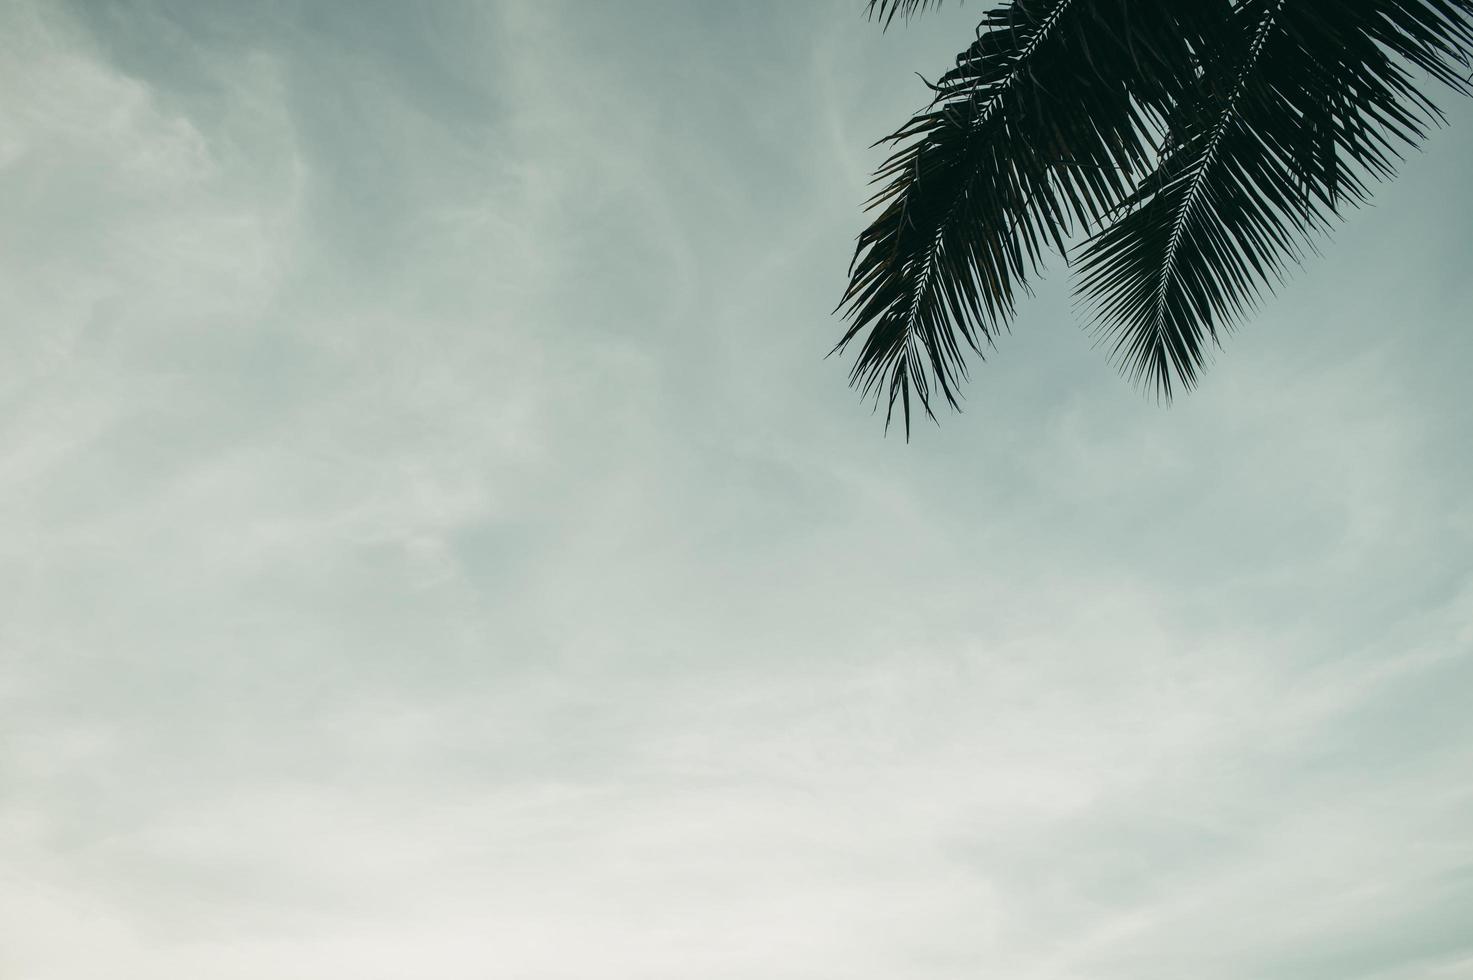 giardini di alberi di cocco in thailandia foto